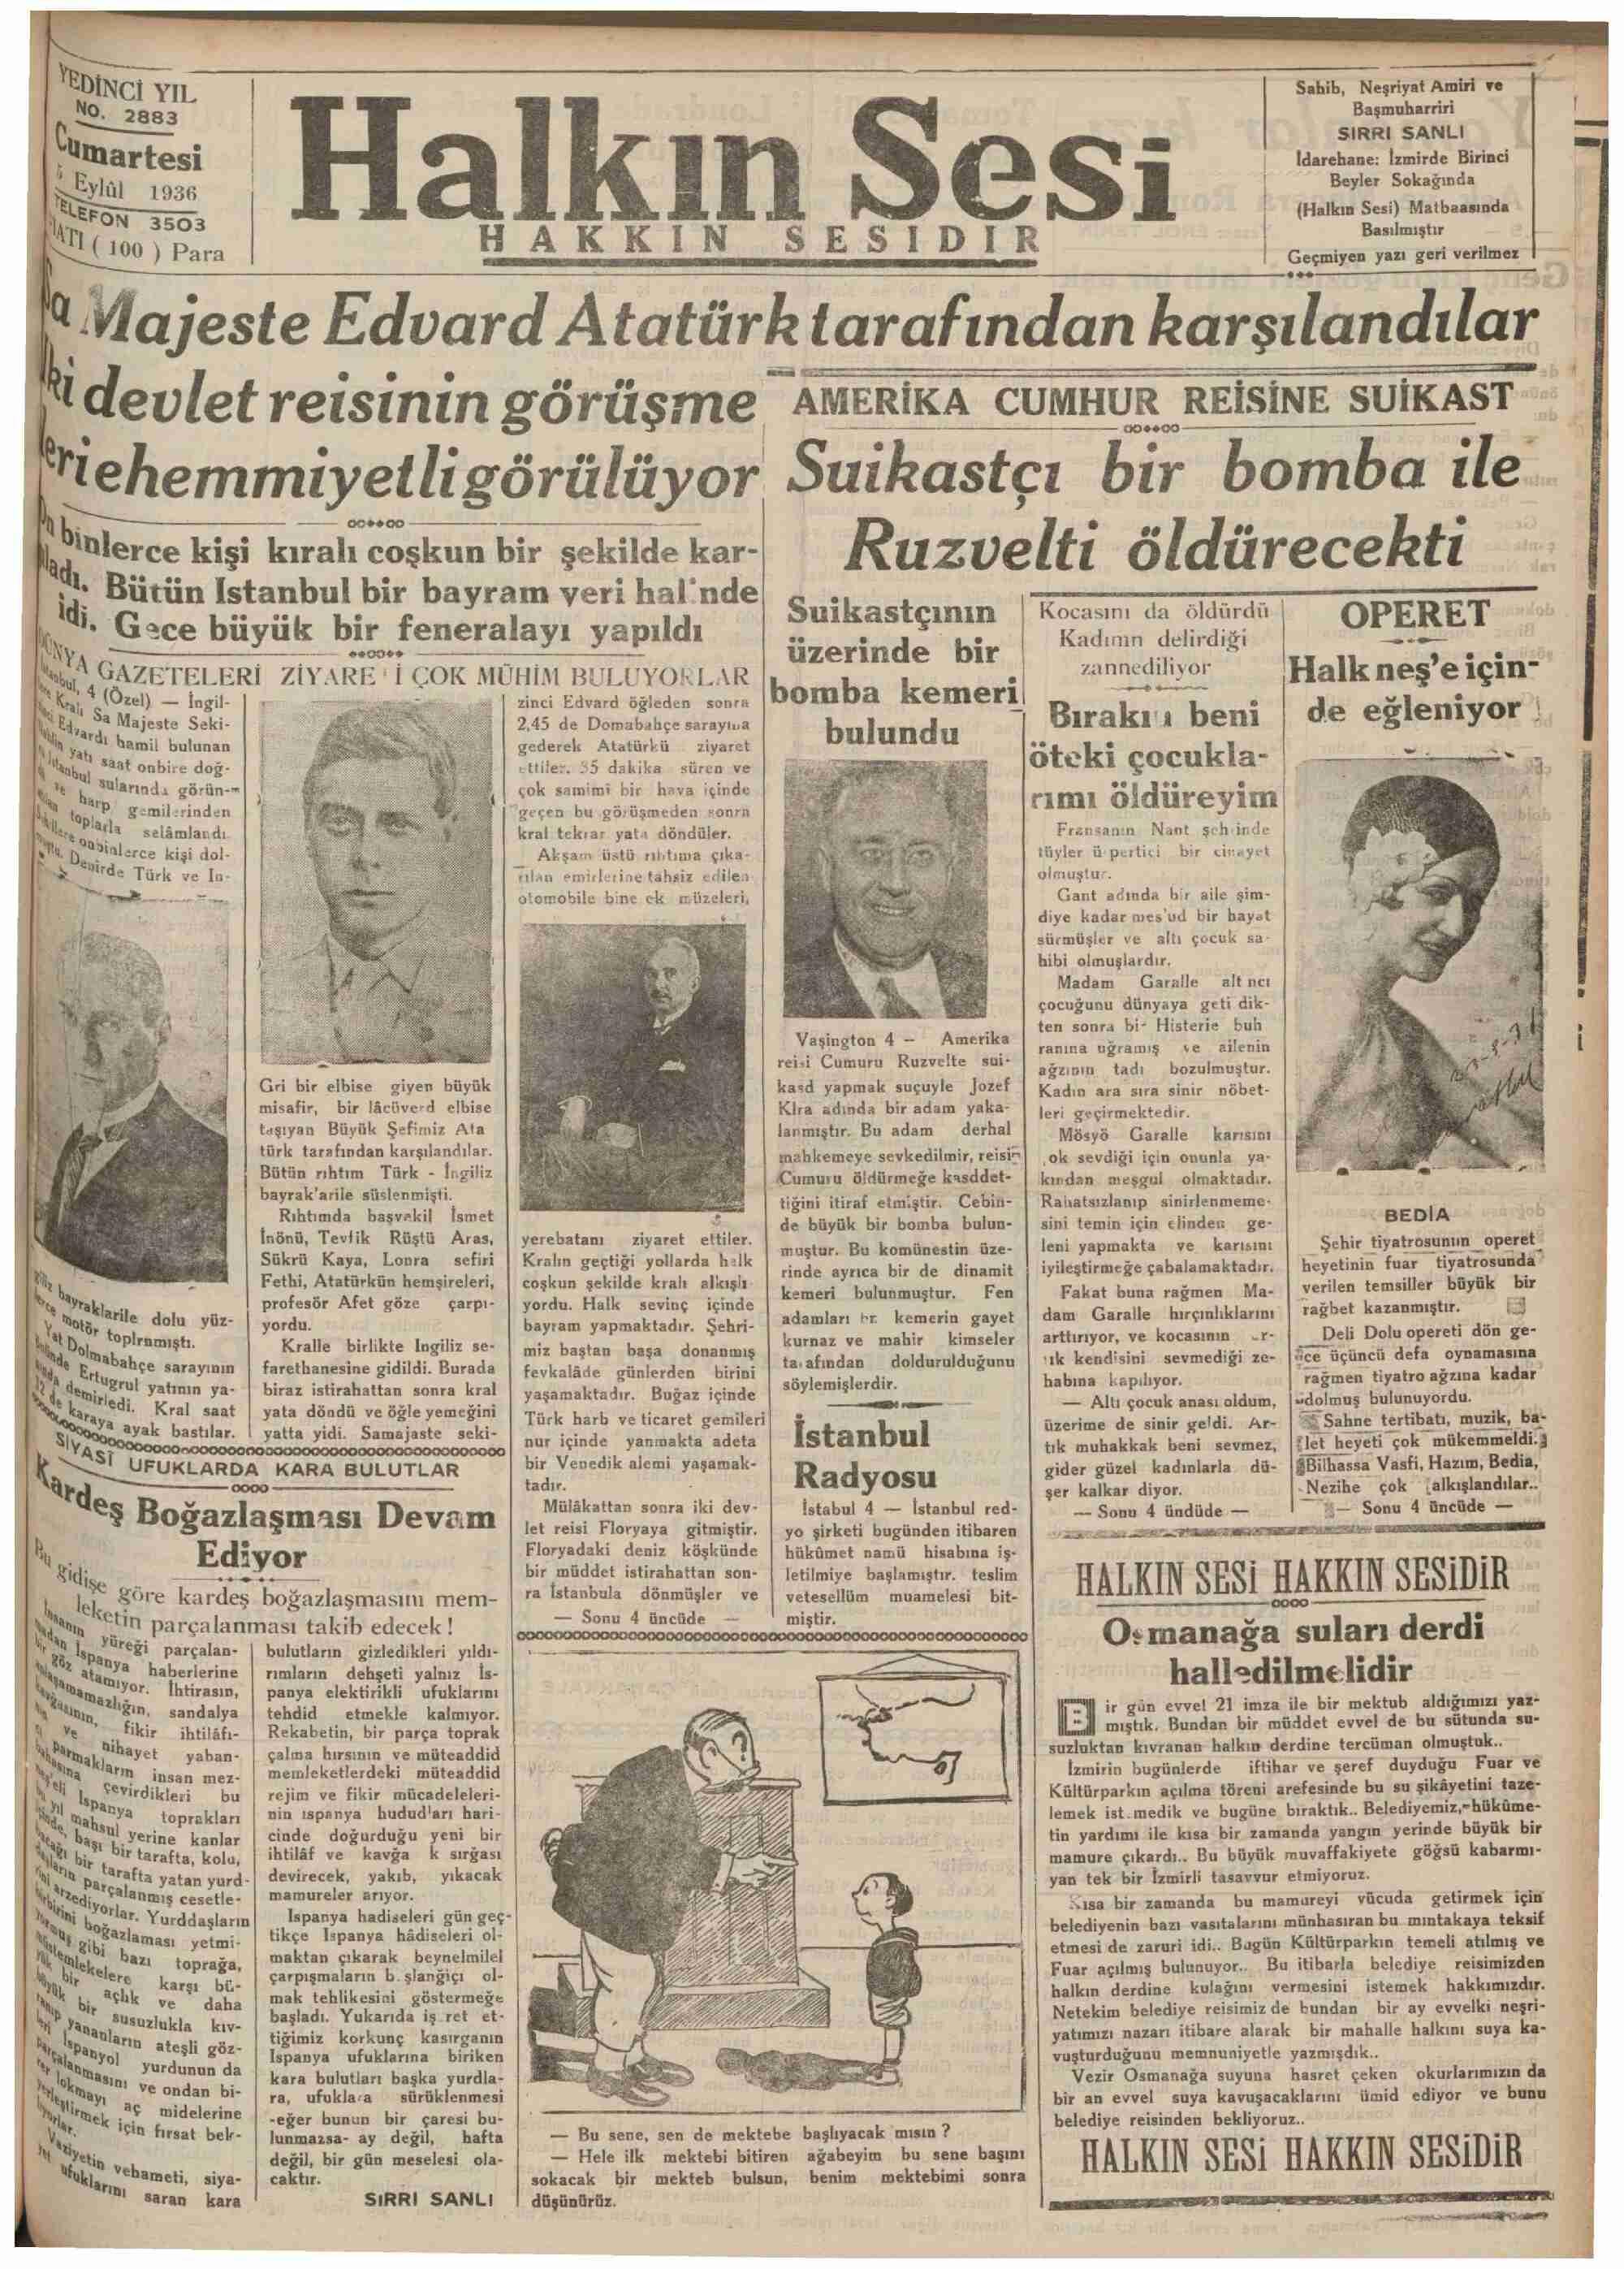 5 Eylül 1936 Tarihli Halkın Sesi Gazetesi Sayfa 1